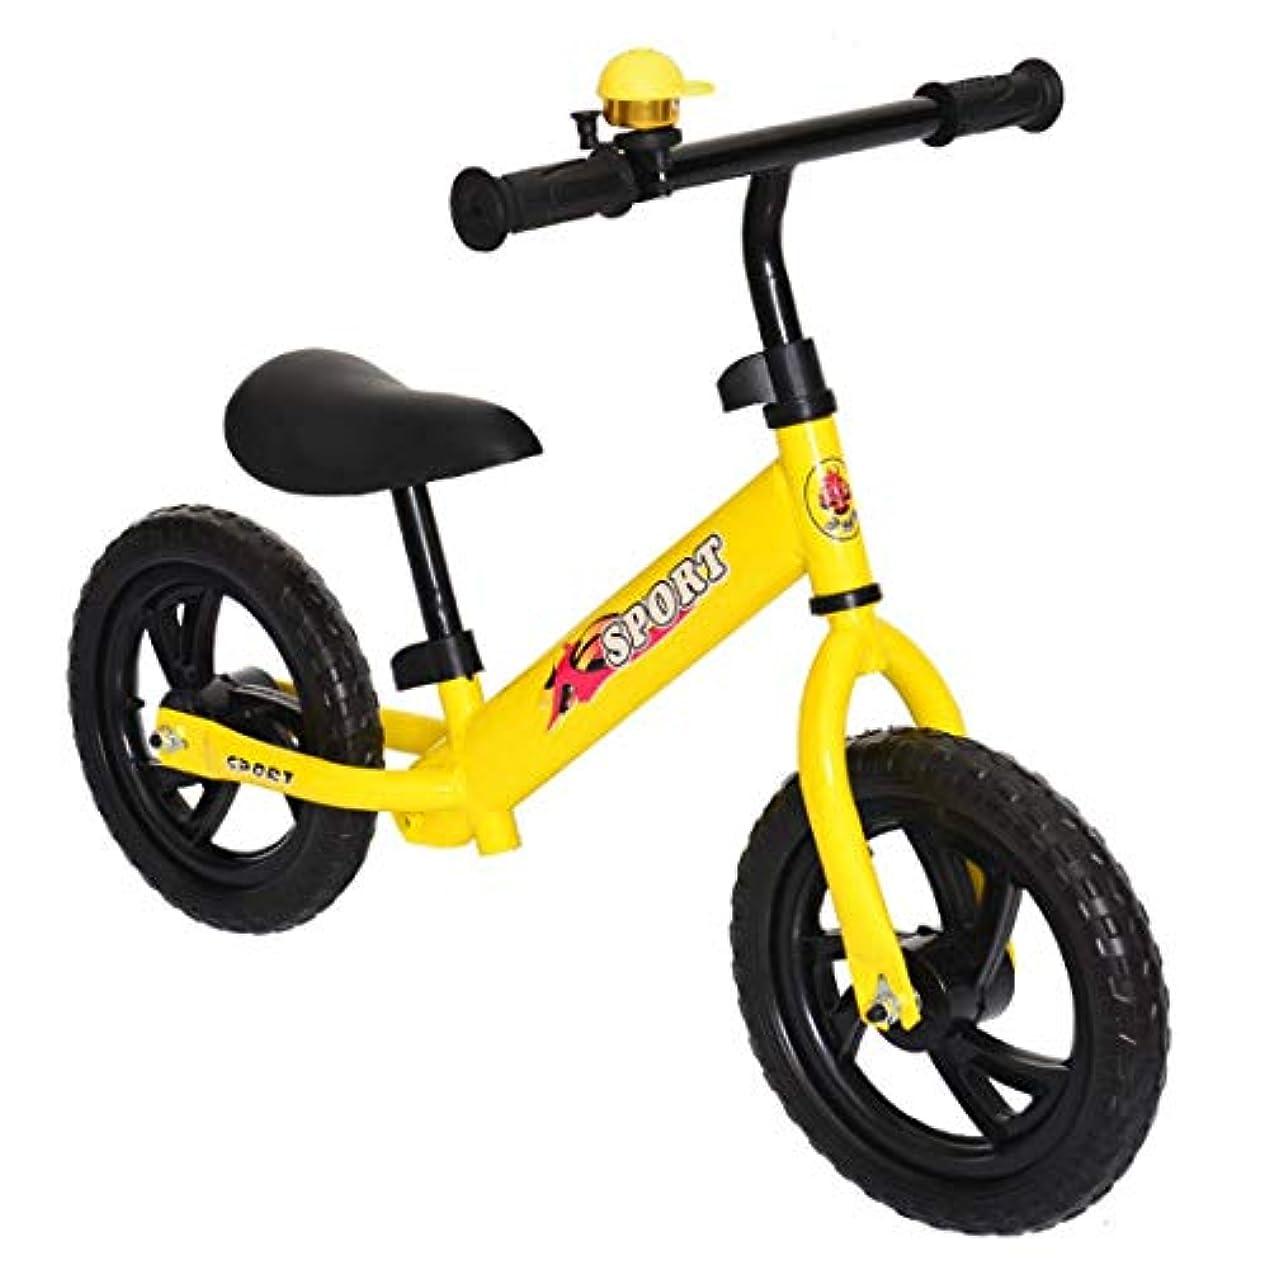 する必要があるインタネットを見るきゅうりキッズバランスバイク、12インチペダルなしキッズウォーキング自転車2?6歳の子供用、炭素鋼フレーム、調節可能なハンドルバーとシート付きのウォーキング自転車イエロー、子供用バランス車